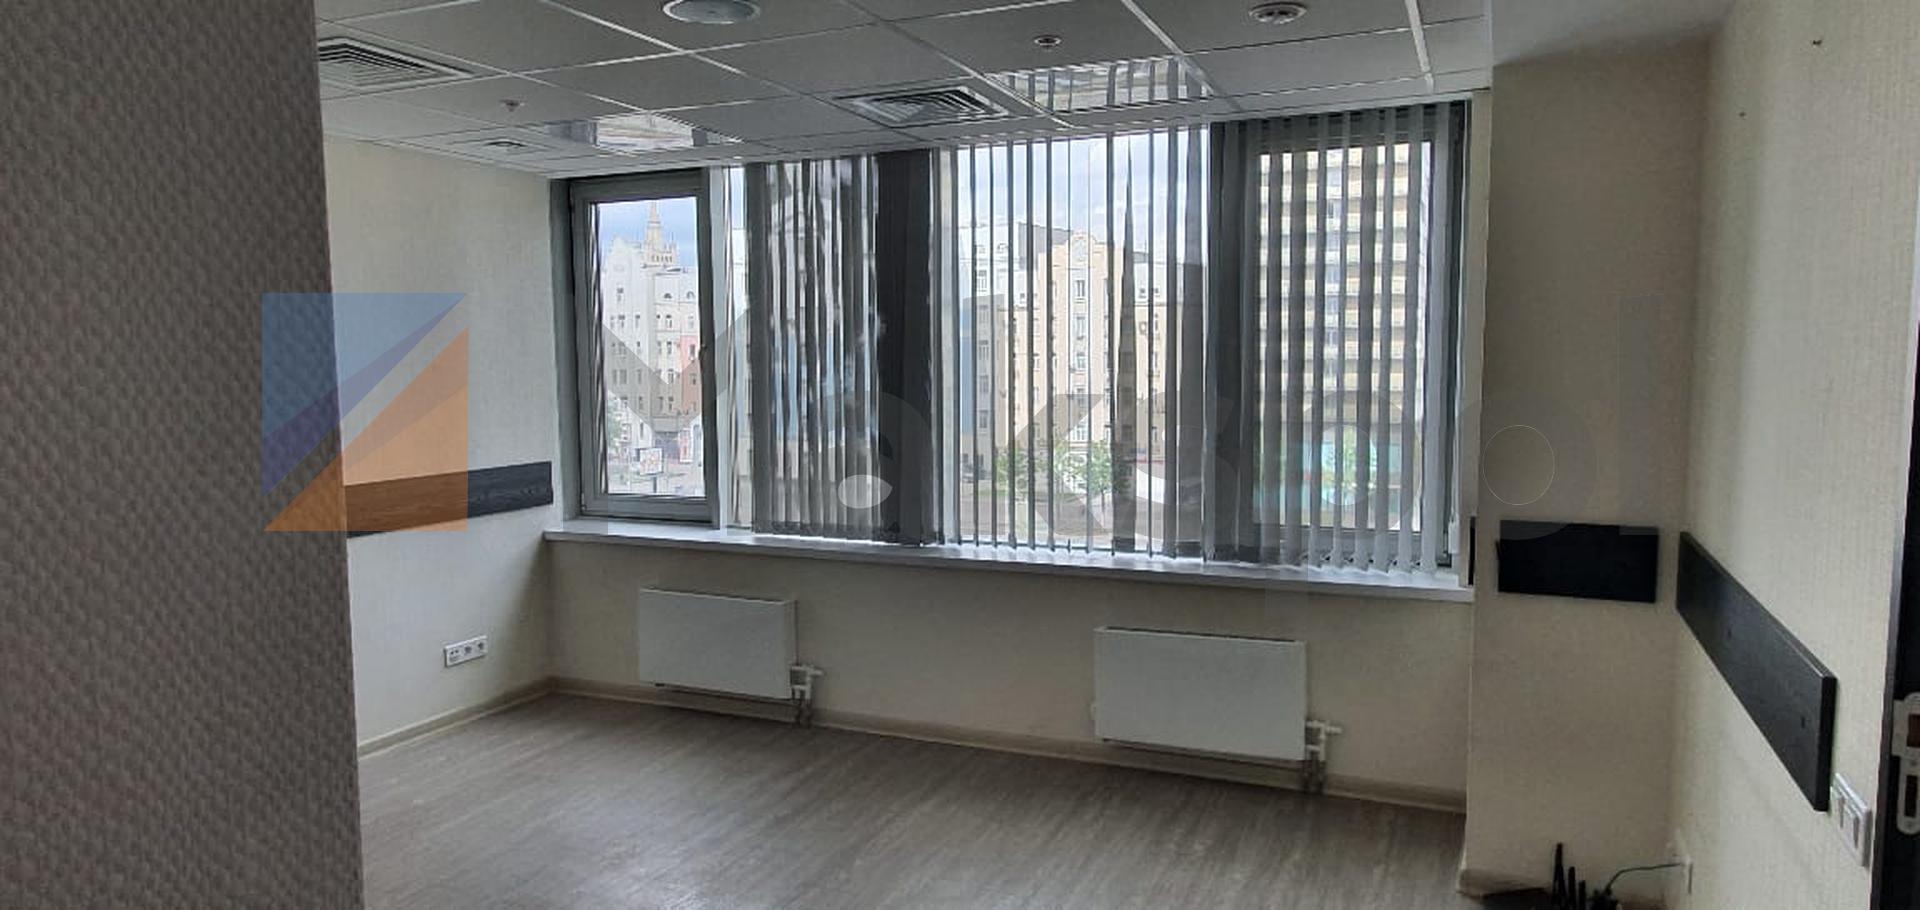 Офис, центр, можно блоком 4